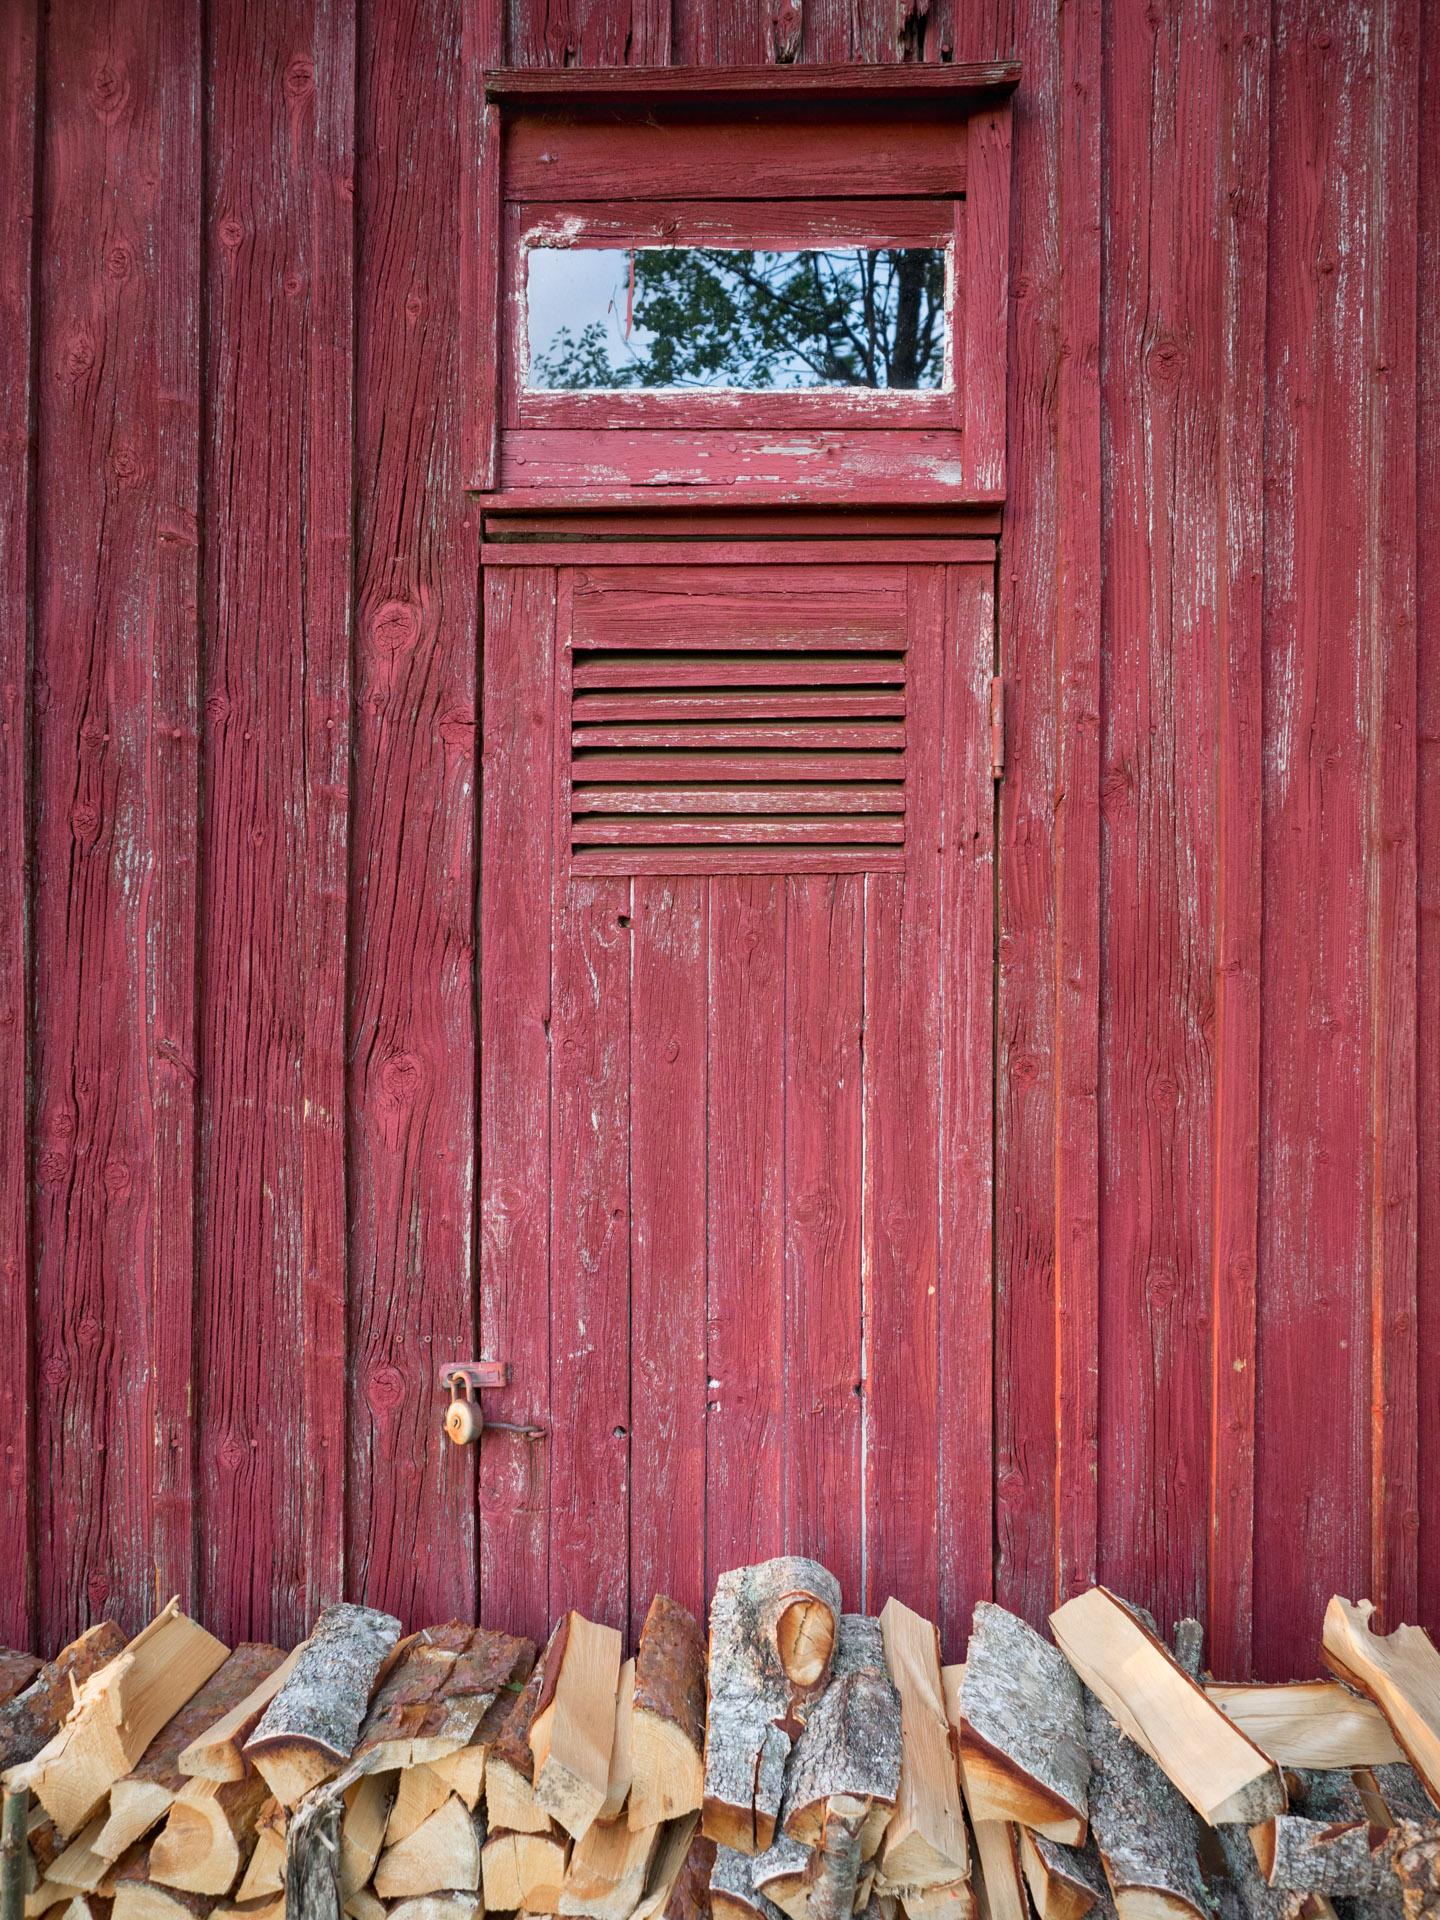 Scheunentür, Smaland, Schweden